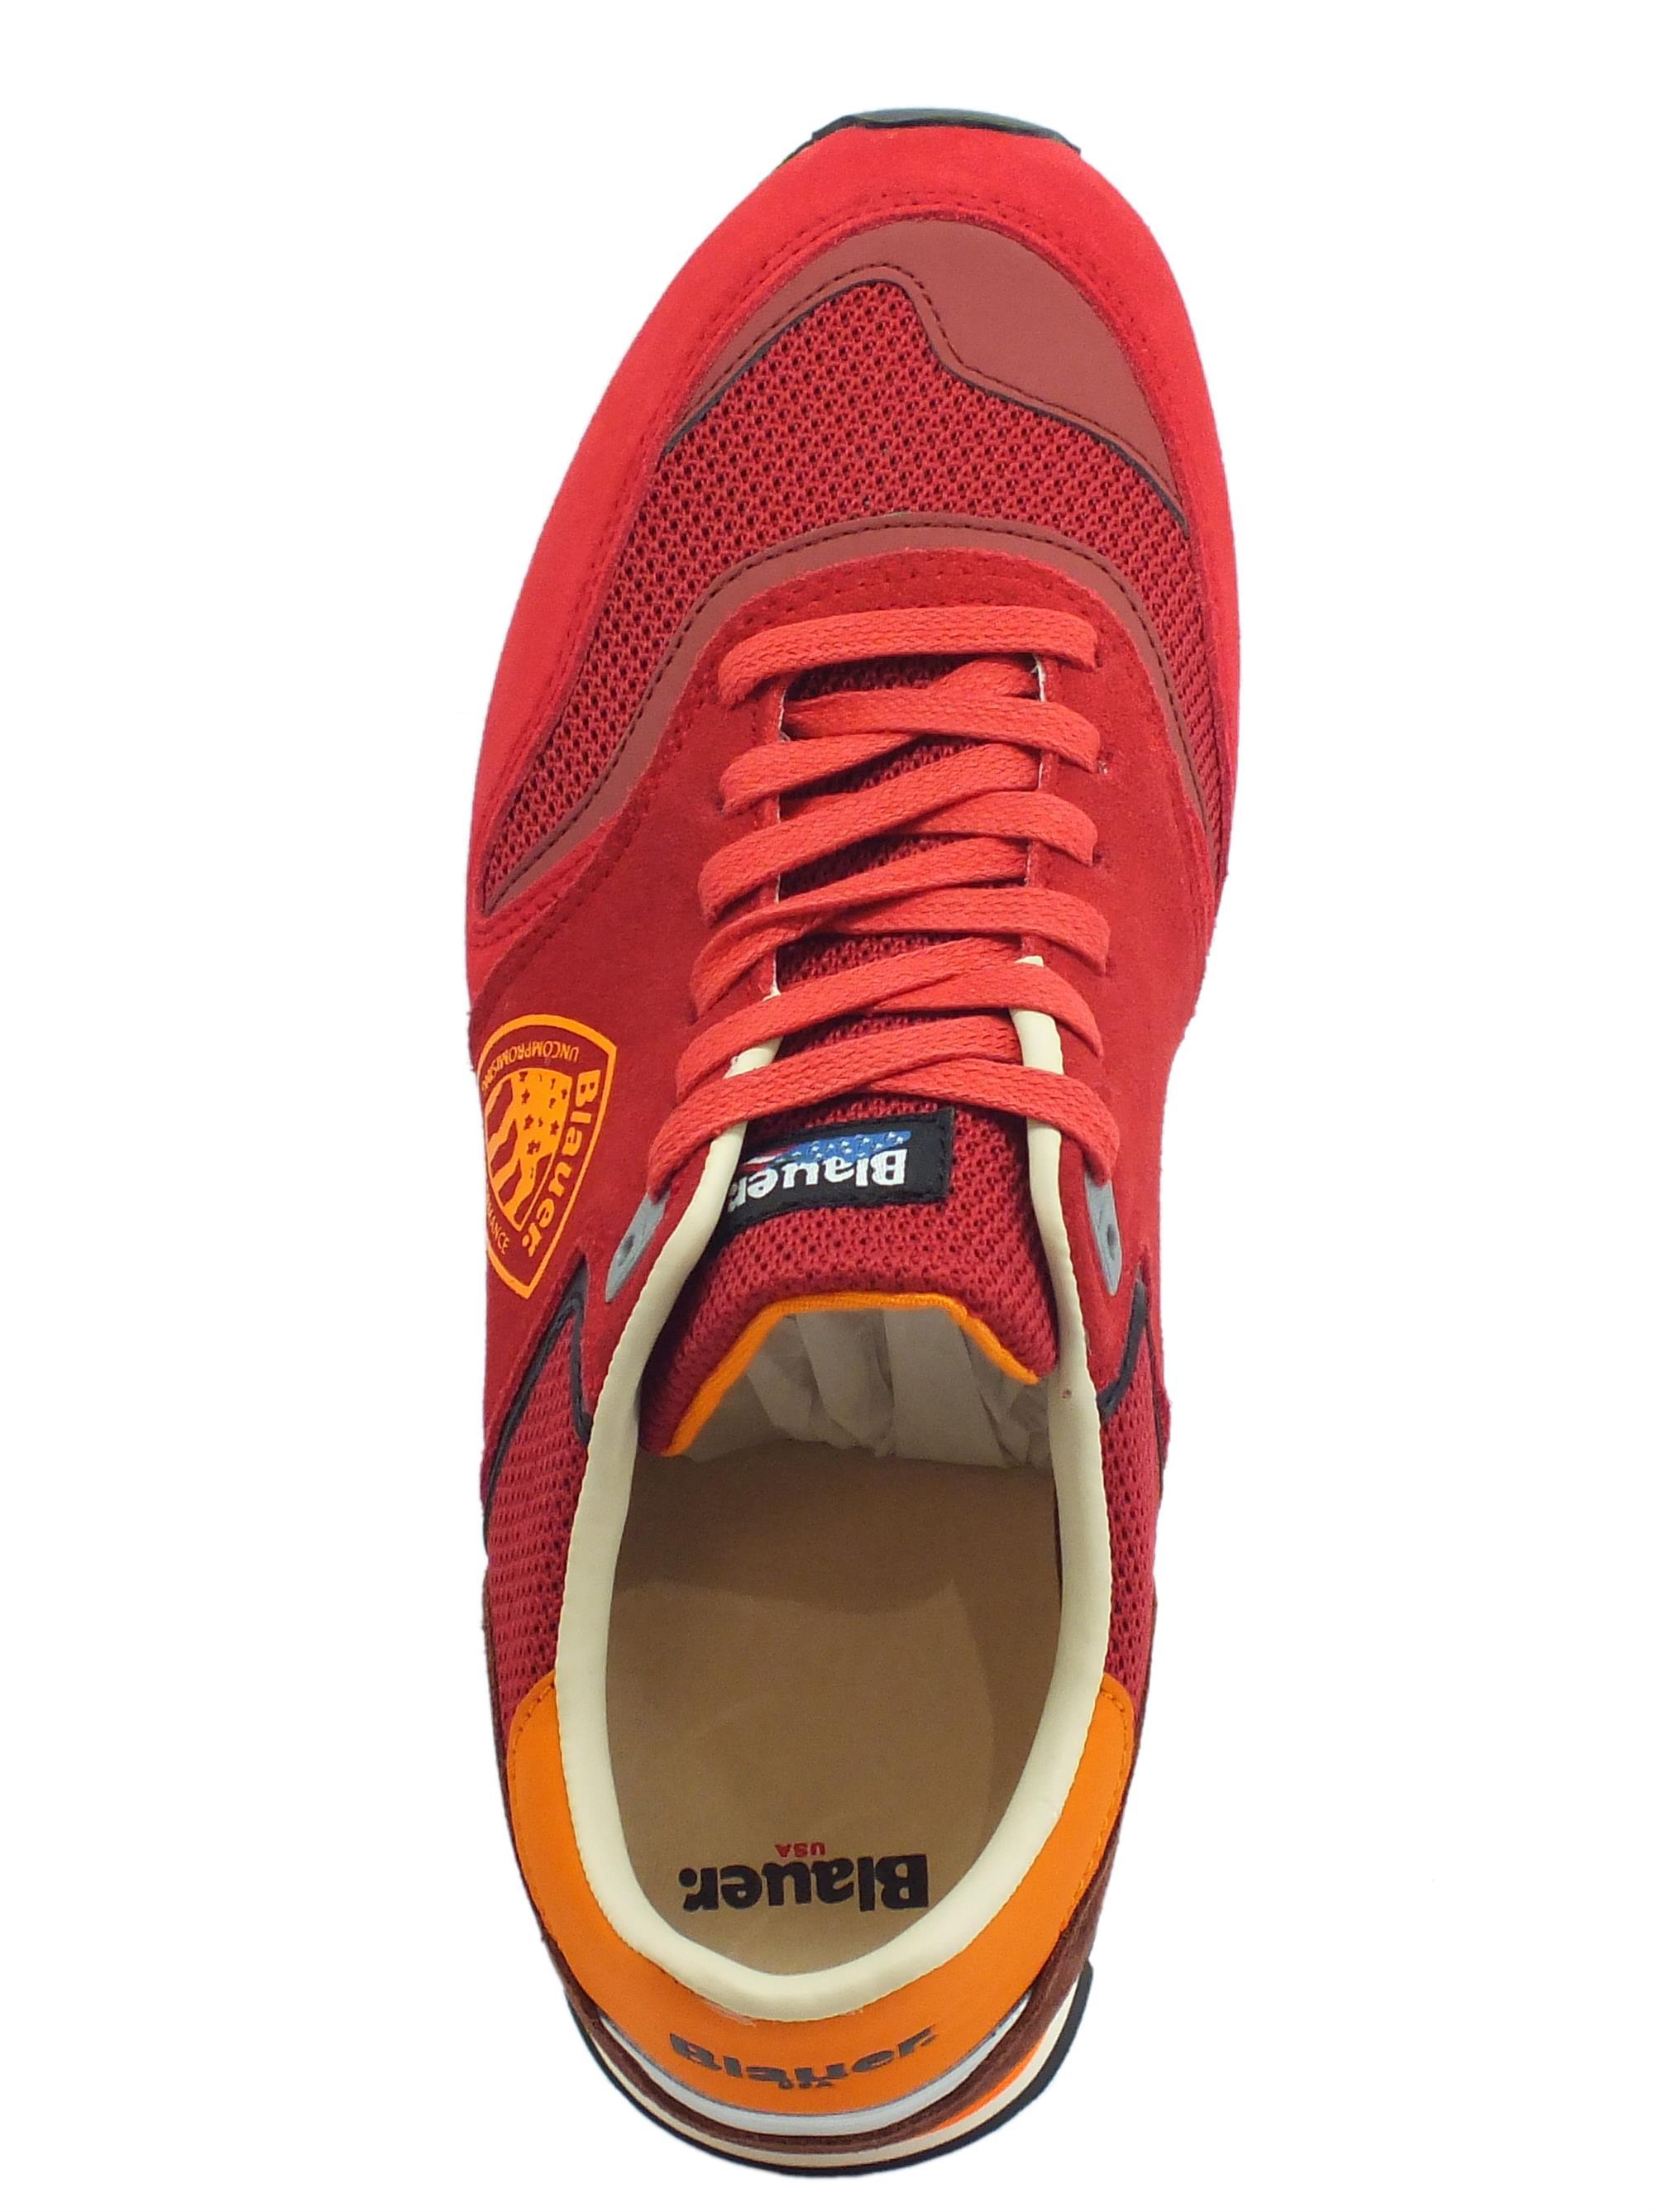 Blauer USA Memphis 06 scarpe sportive uomo rosso - Vitiello Calzature 3bd2f3f7539